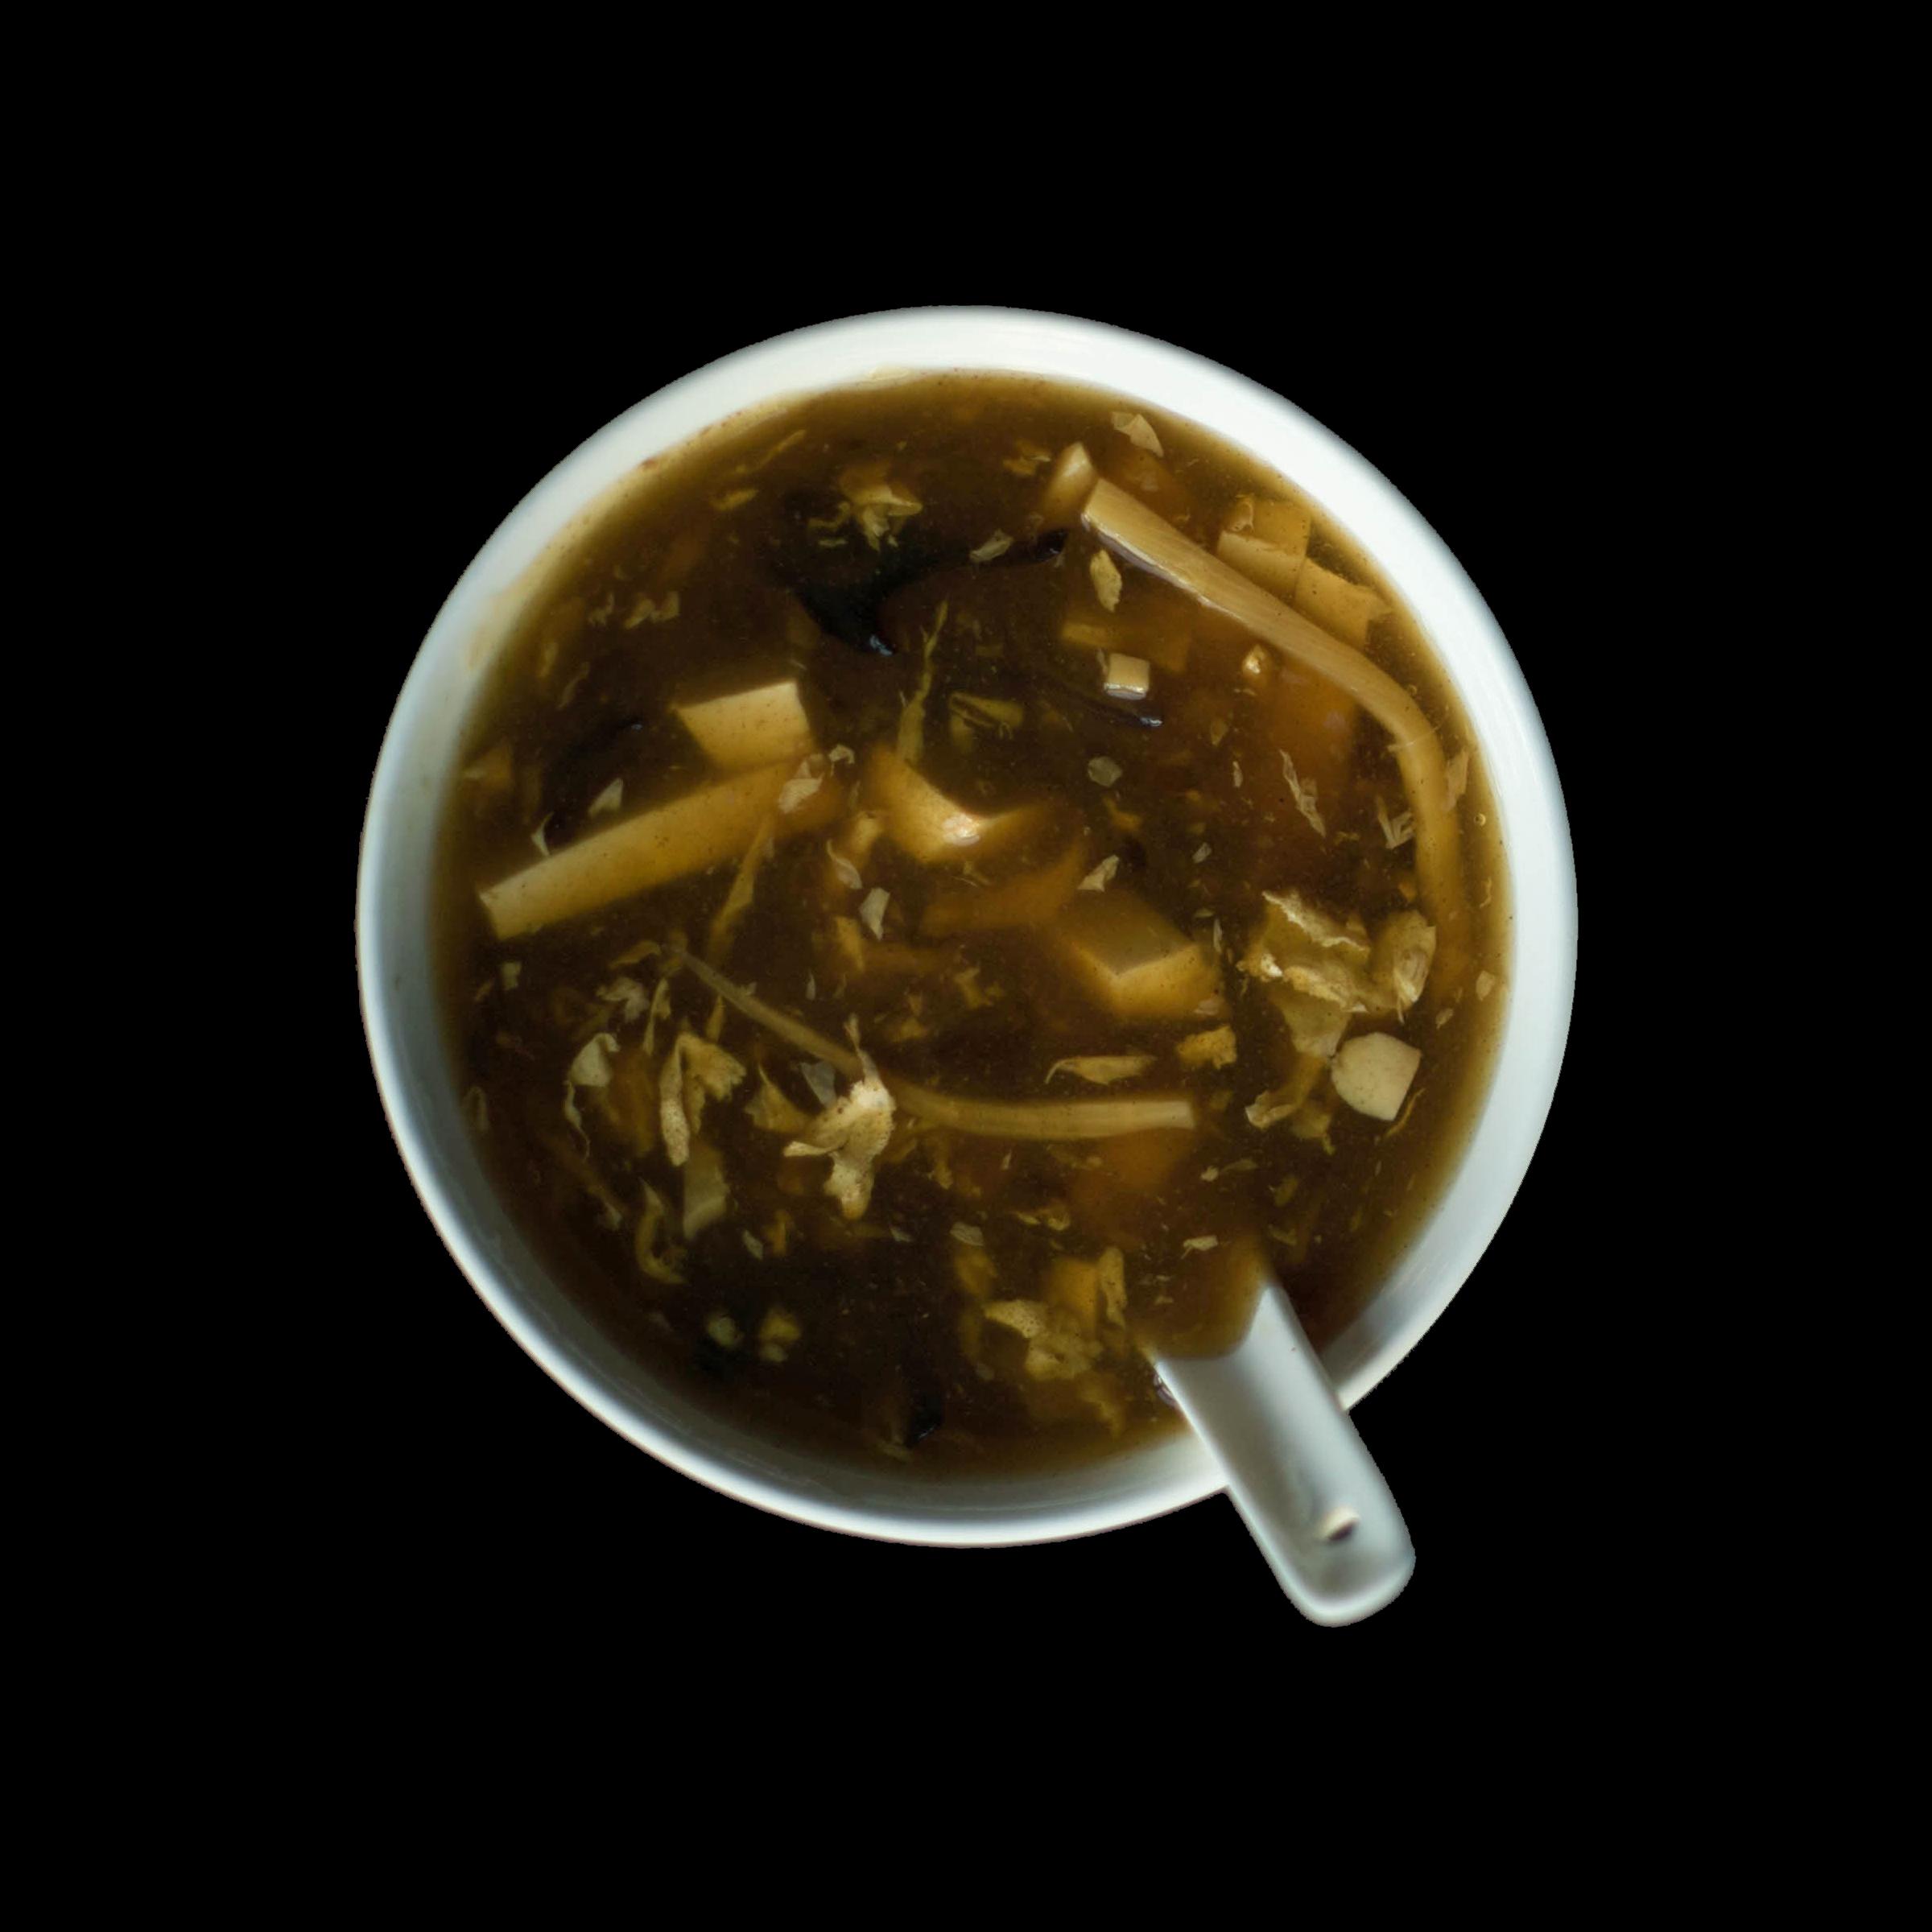 43. 酸辣汤 Hot & Sour Soup Image